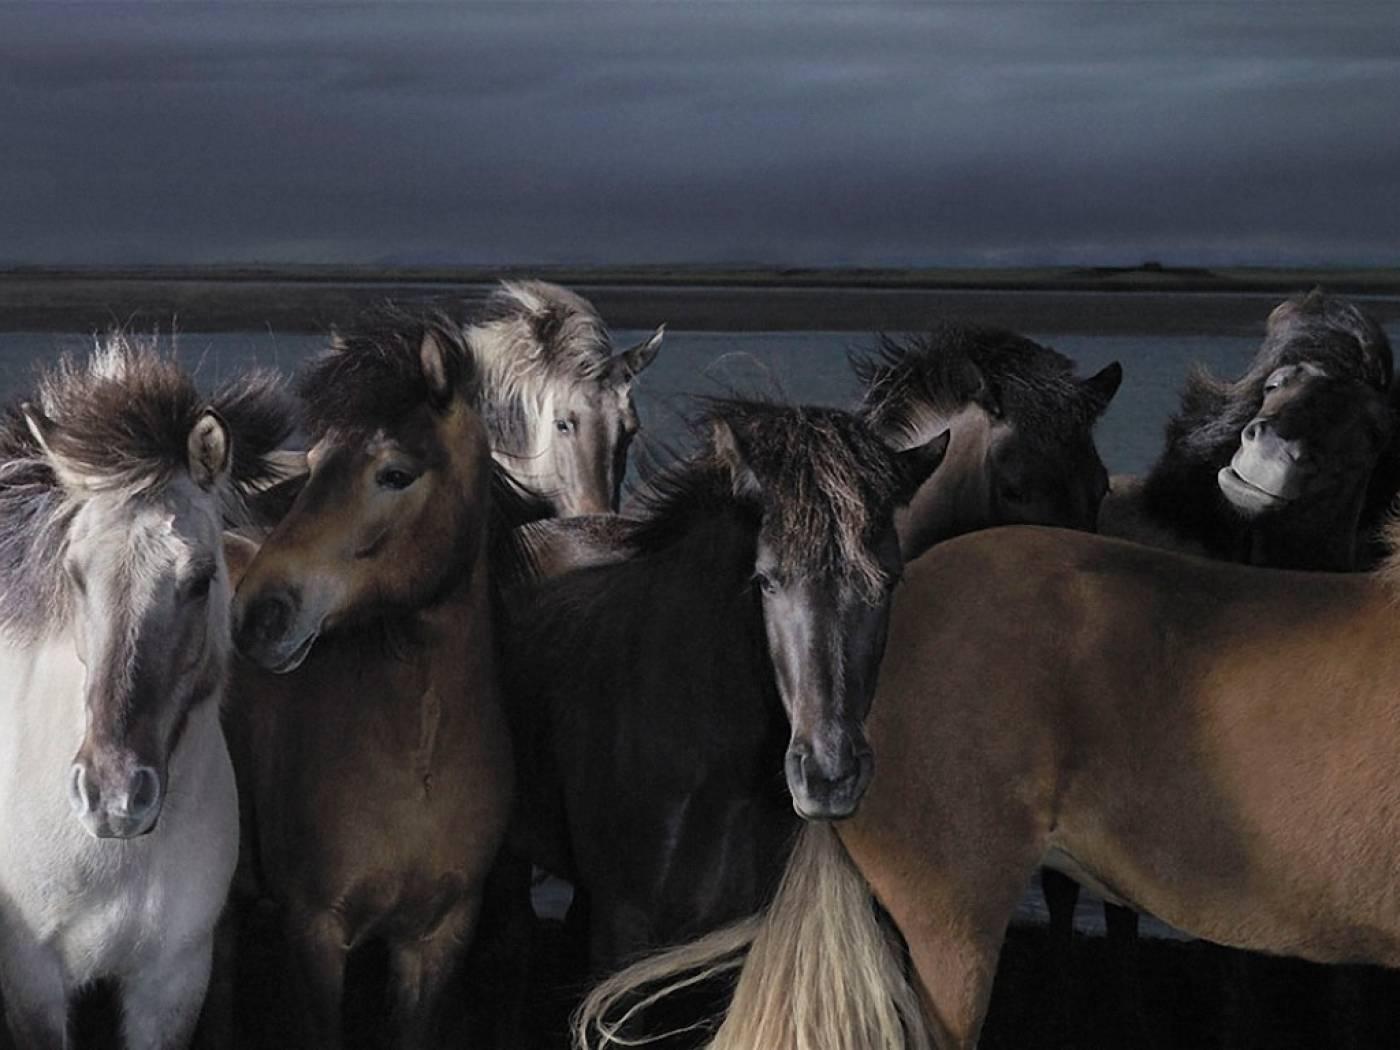 manada-de-caballos-a-la-orilla-de-una-laguna